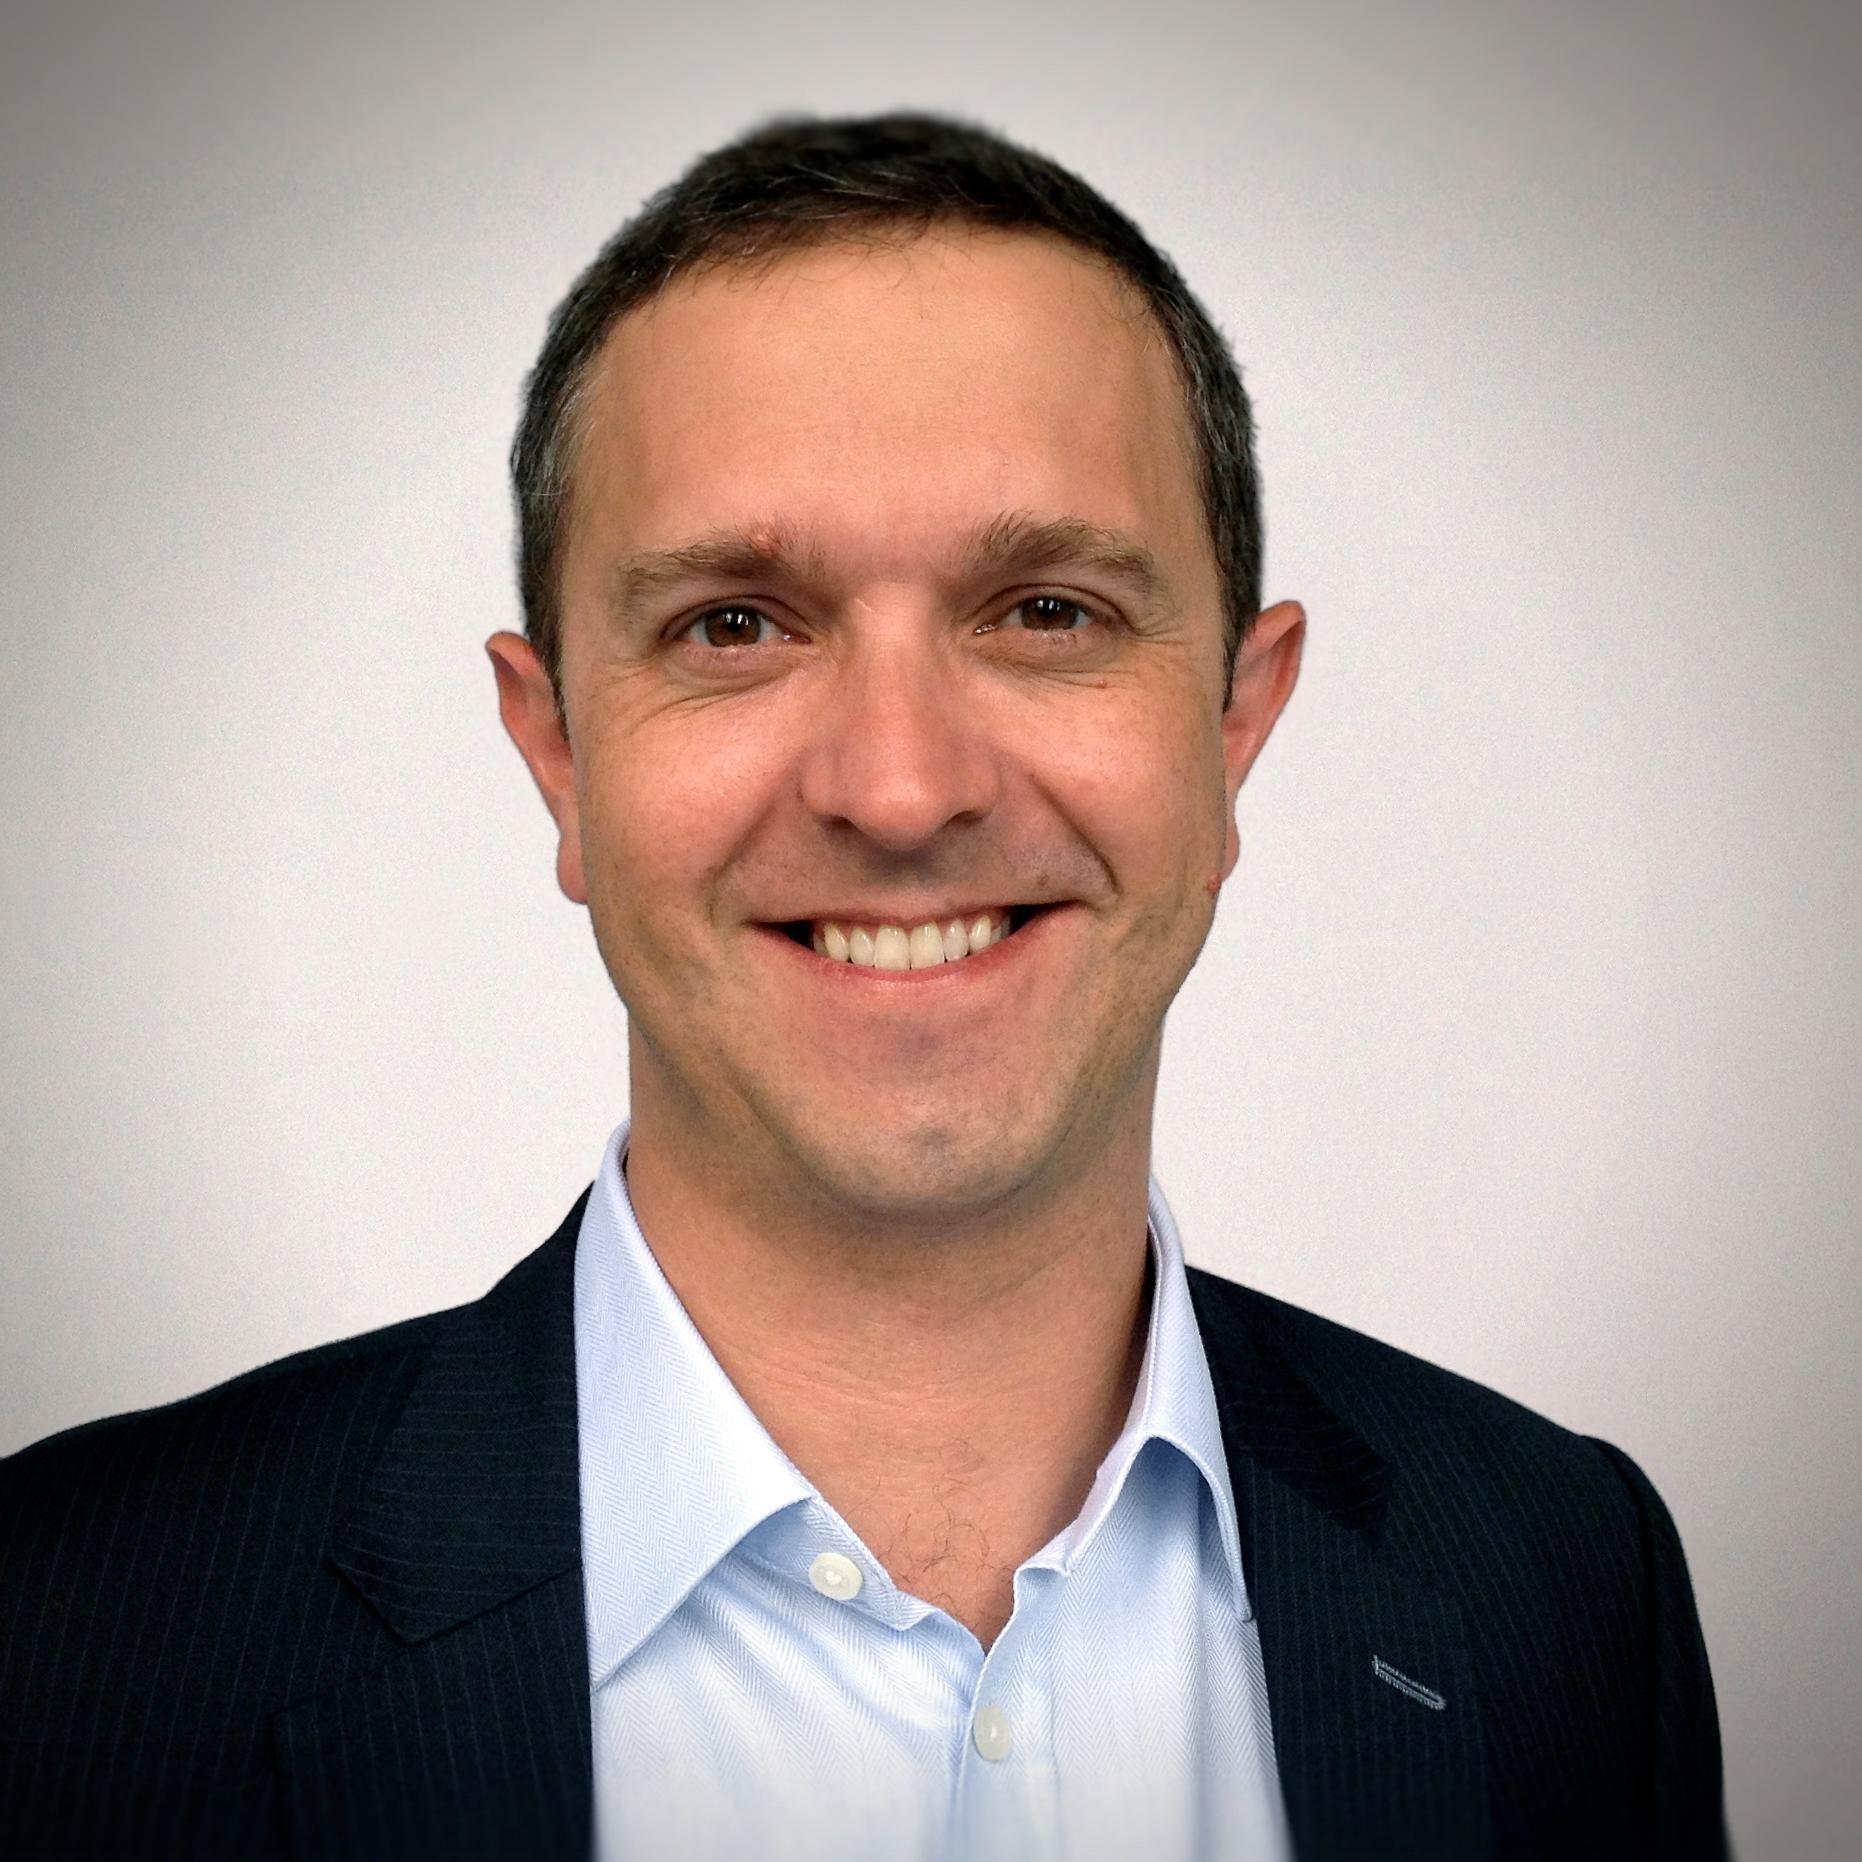 Marc Lingnau